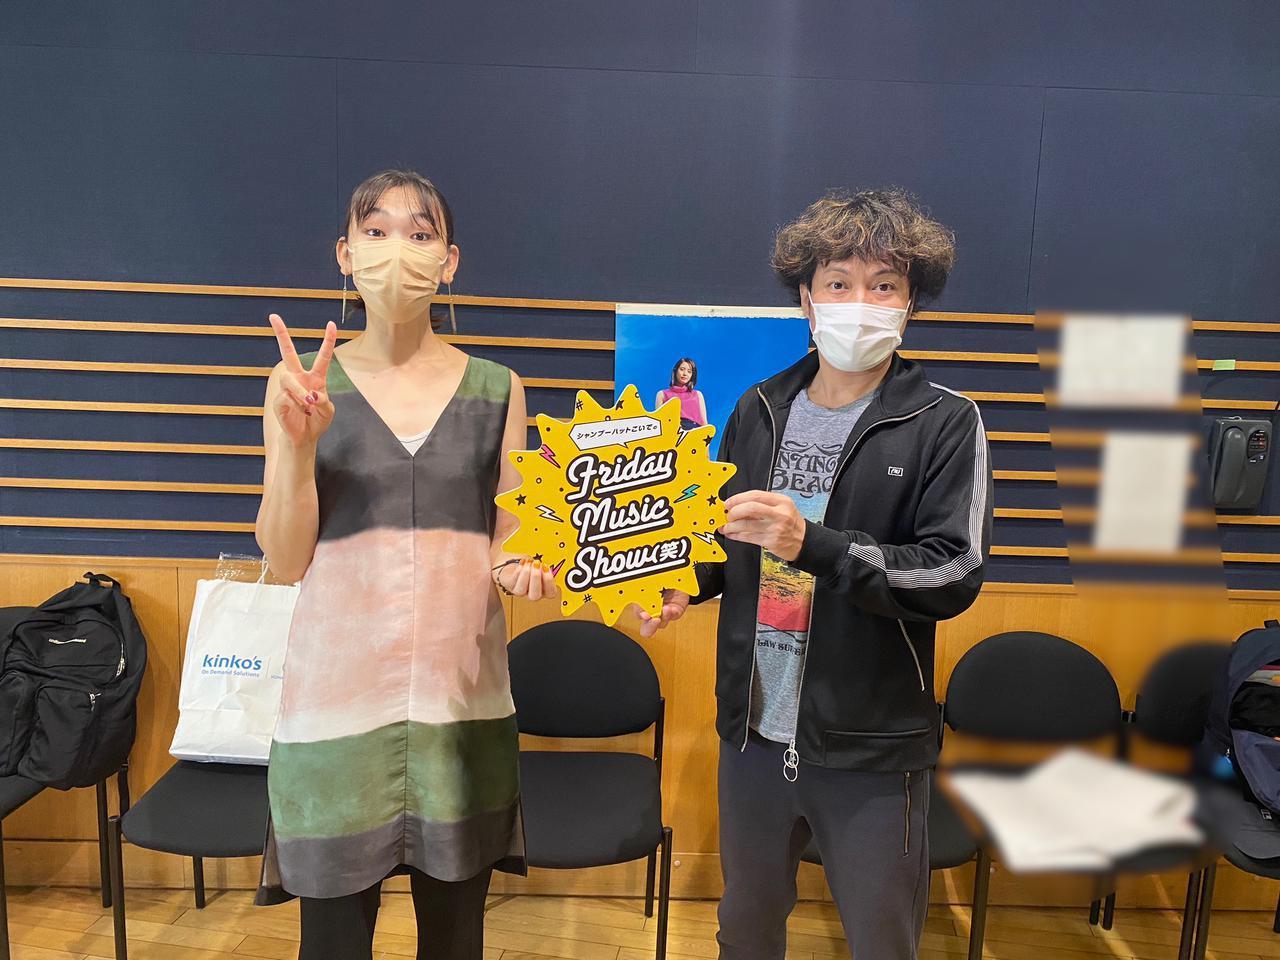 画像: 7月30日(金)シャンプーハットこいでのFriday Music Show(笑)